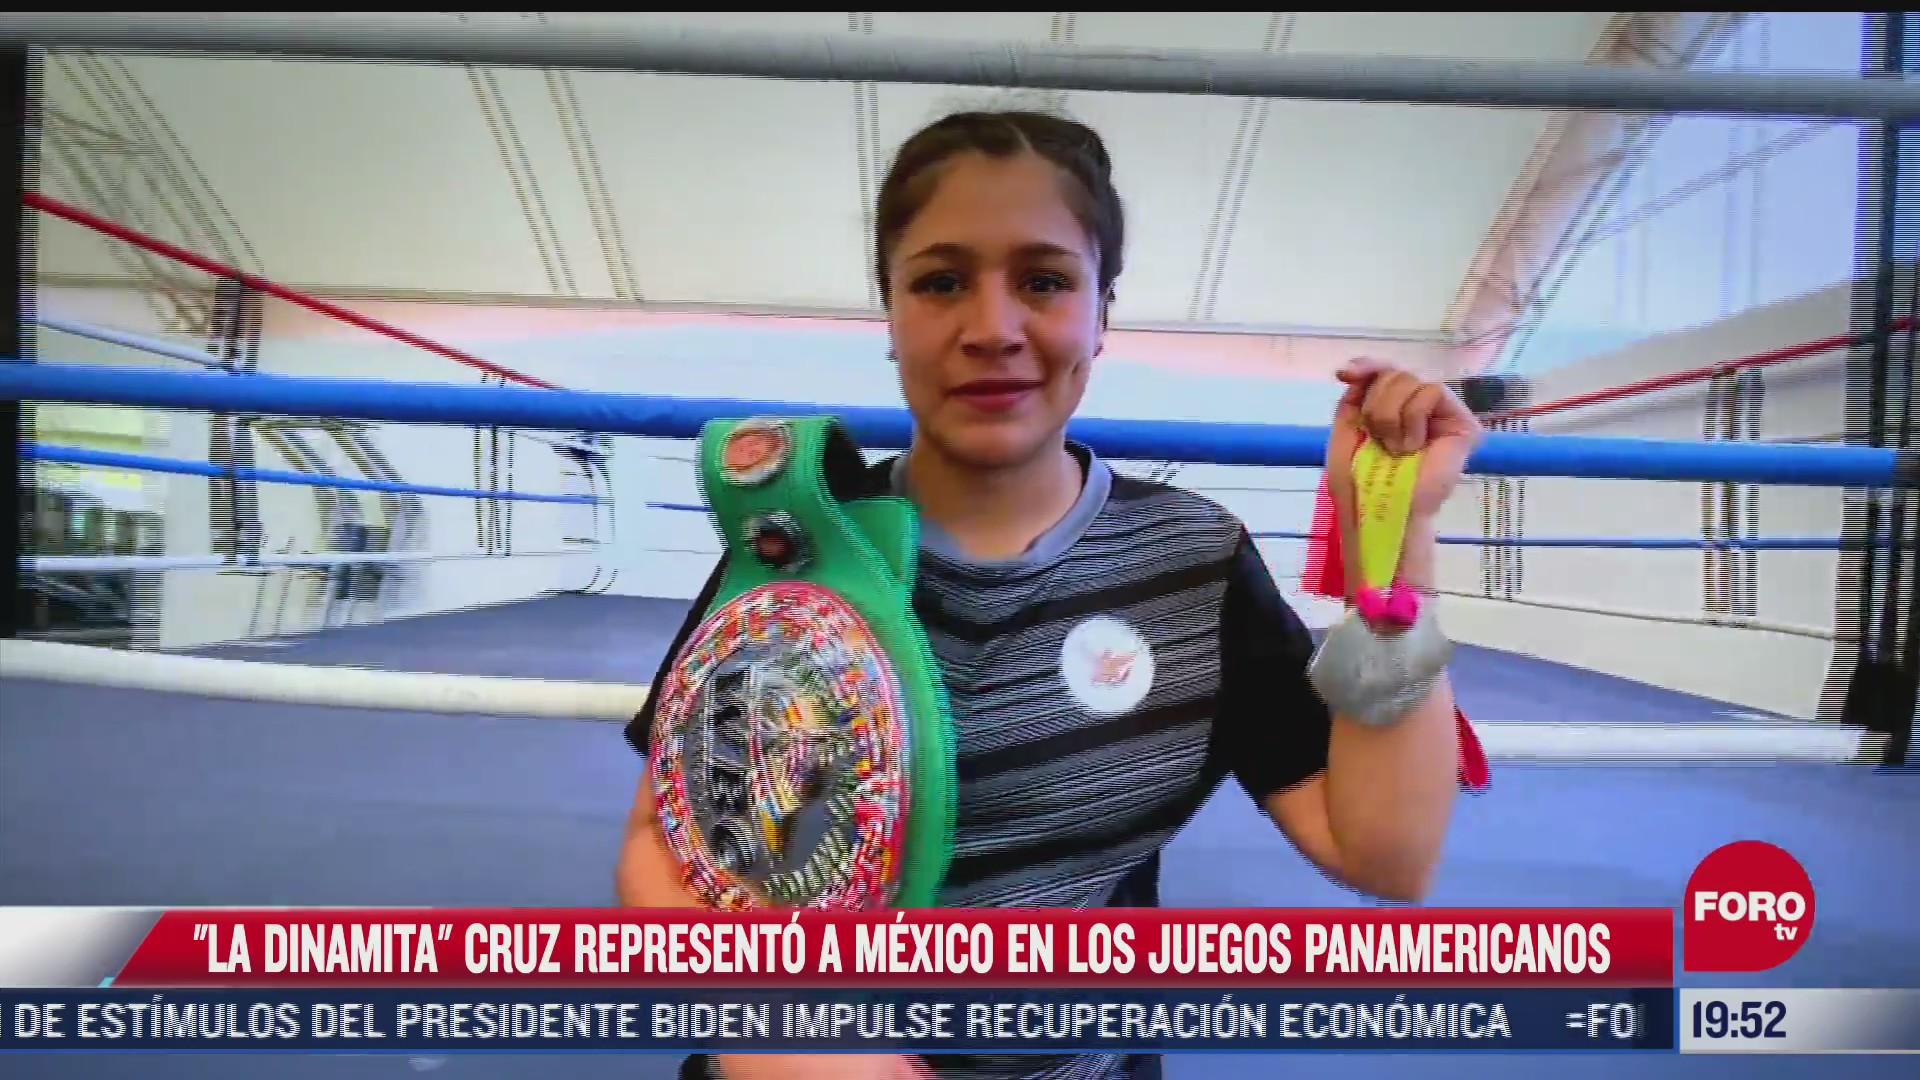 ella es dinamita cruz una mujer boxeadora